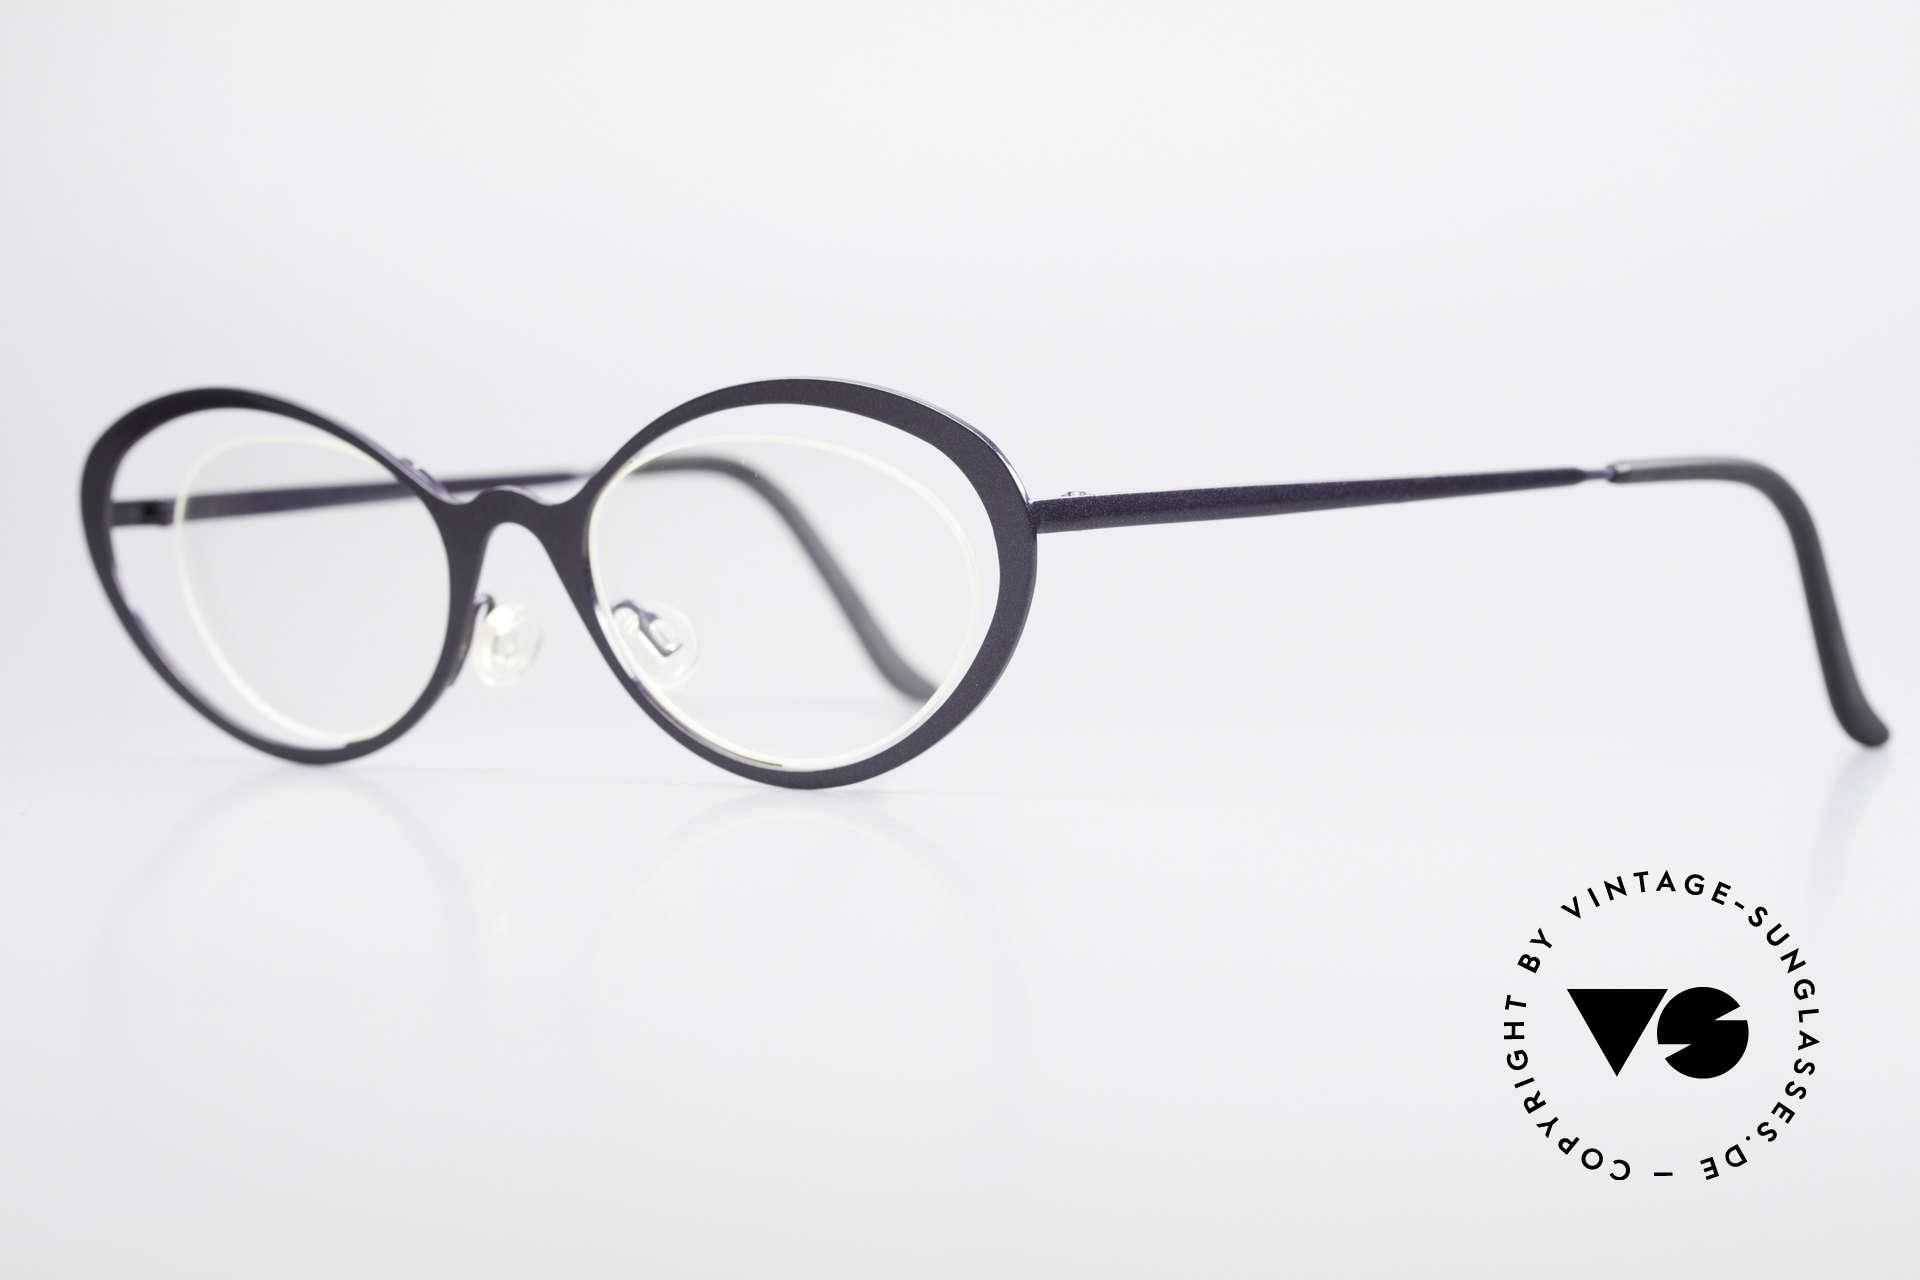 Theo Belgium LuLu Randlose Cateye Brille 90er, Gläser werden u.a. durch einen Nylor-Faden gehalten, Passend für Damen